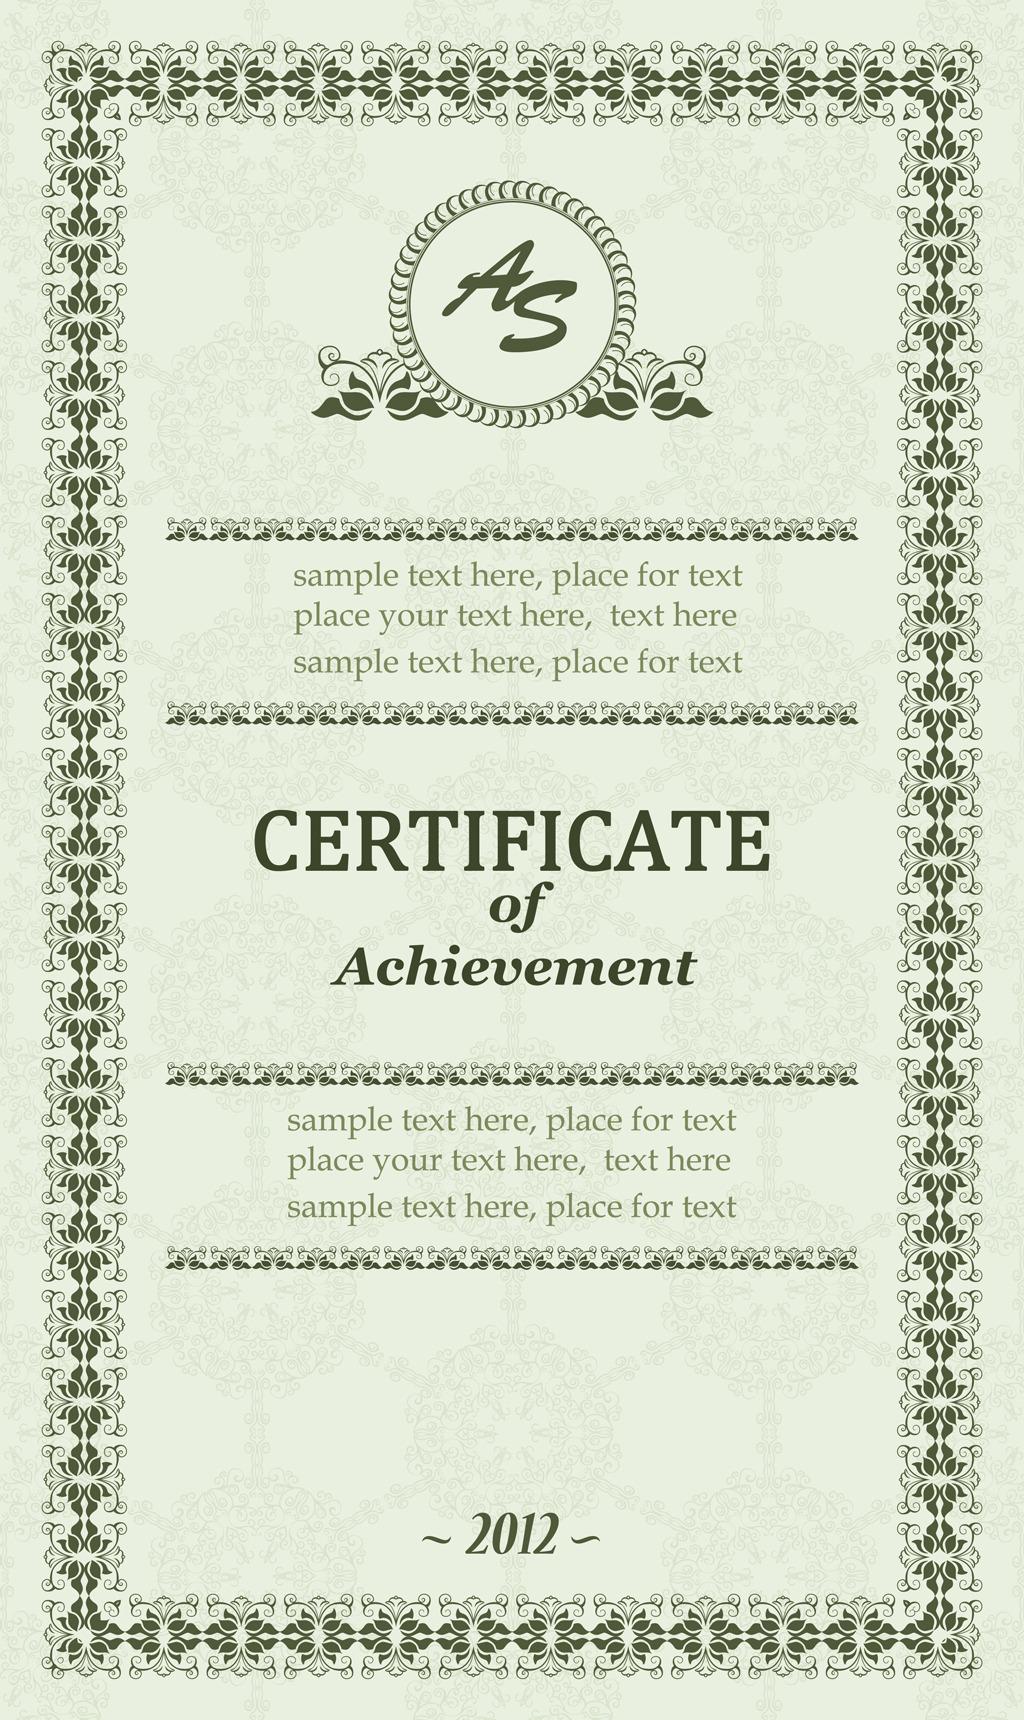 国外学历证书模版模板